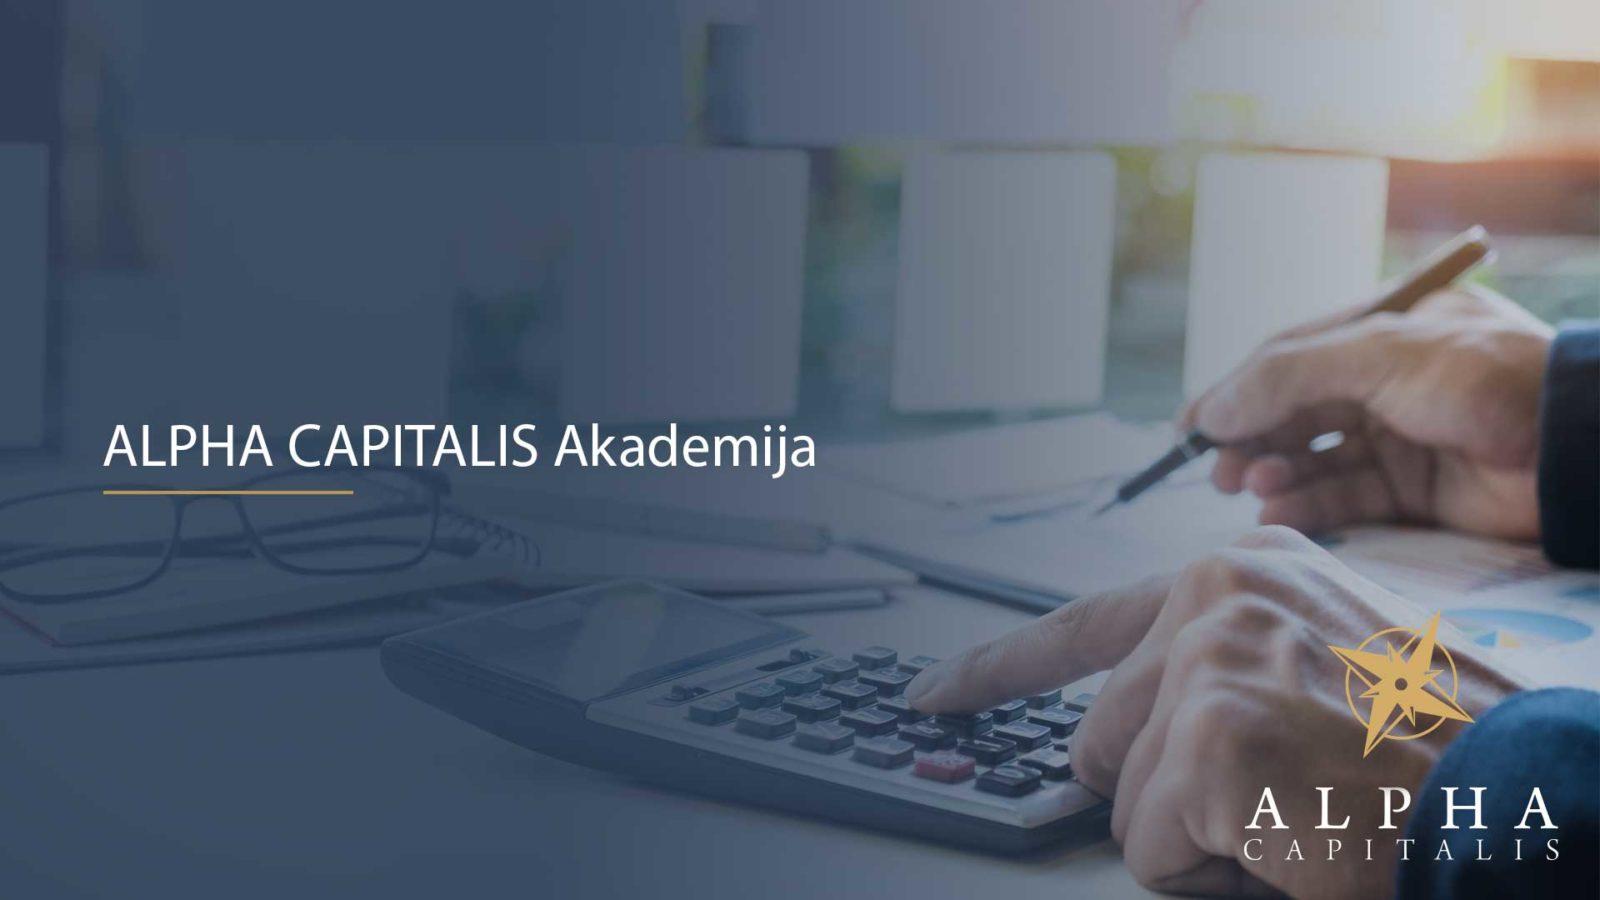 akademija 20 06 2019 02 - ALPHA CAPITALIS Akademija